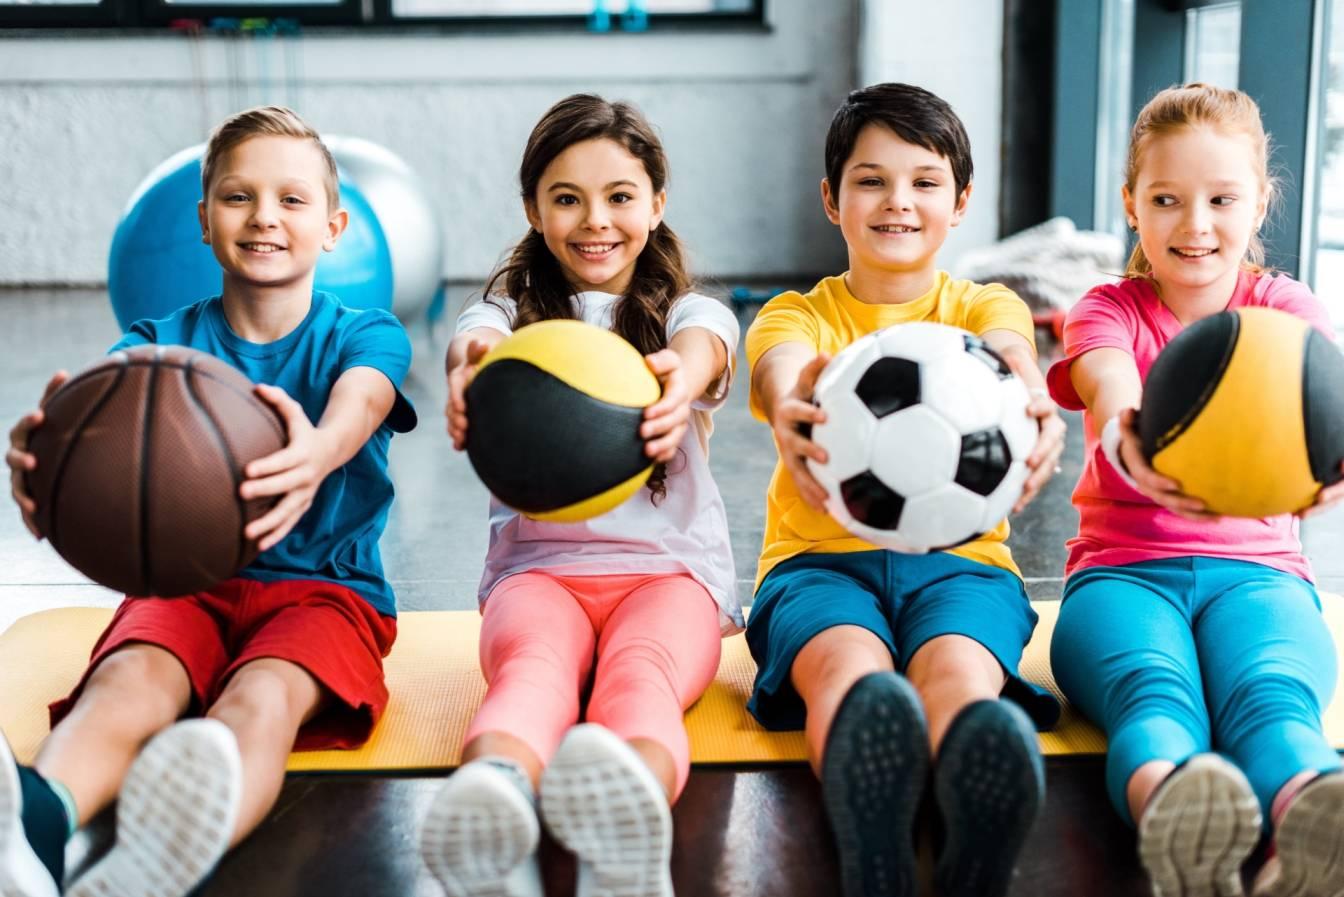 Jak walczyć z otyłością u dzieci? Jakie są jej przyczyny i skutki? Szczupłe dzieci pozują do zdjęcia z piłkami, siedząc na macie do ćwiczeń na lekcji WFu.